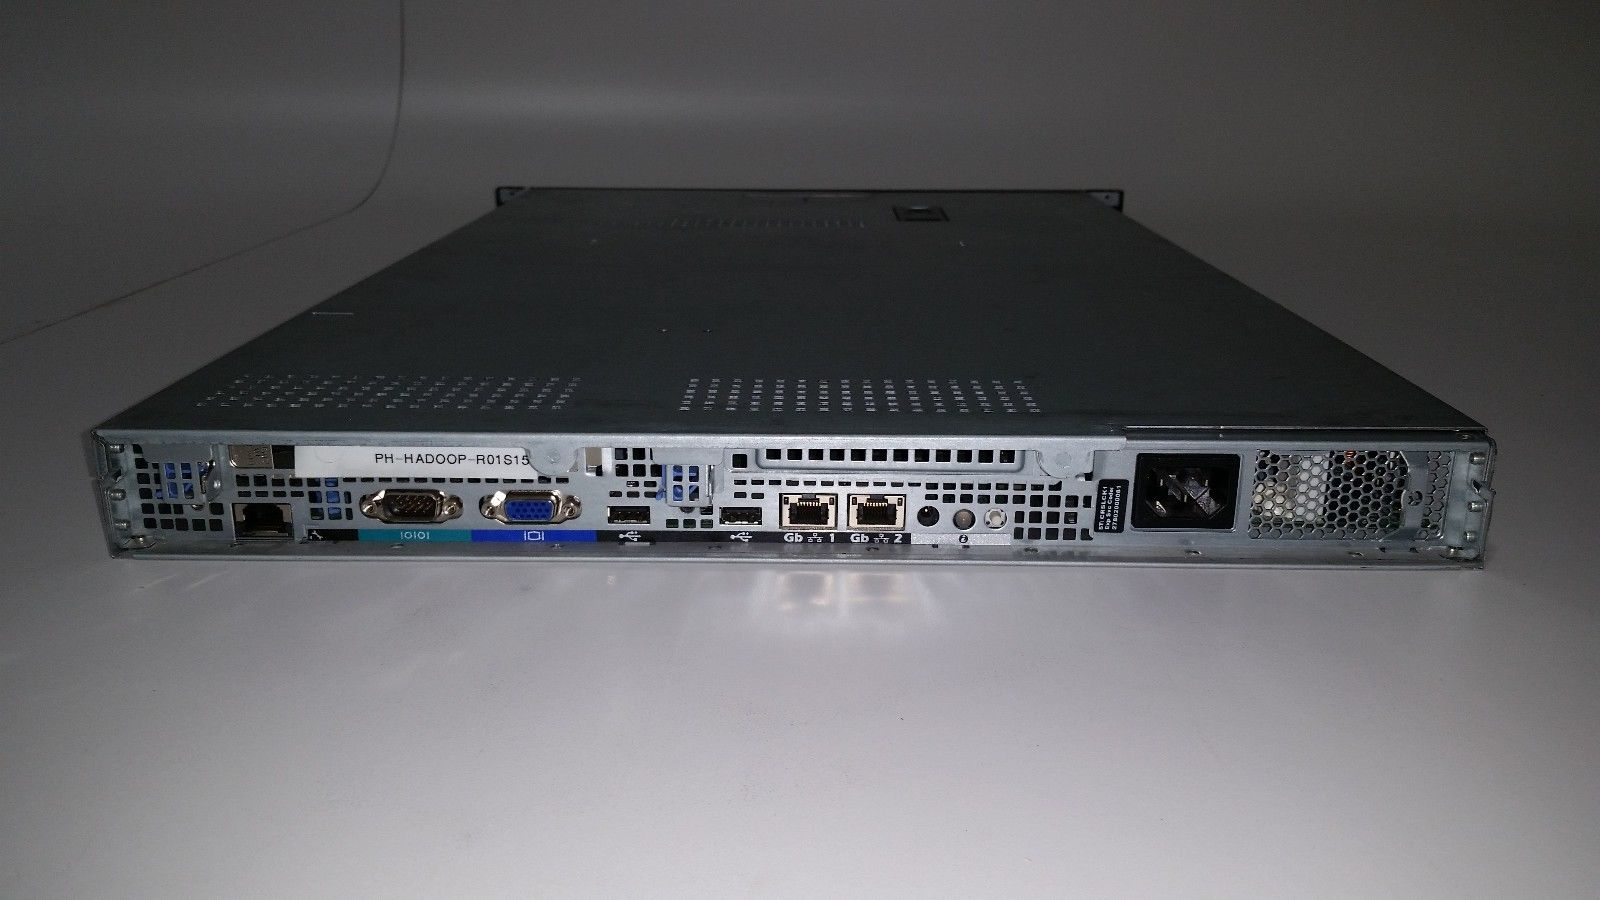 Dell Poweredge R300 Xeon E5420 25GHz Quad Core 12GB RAM